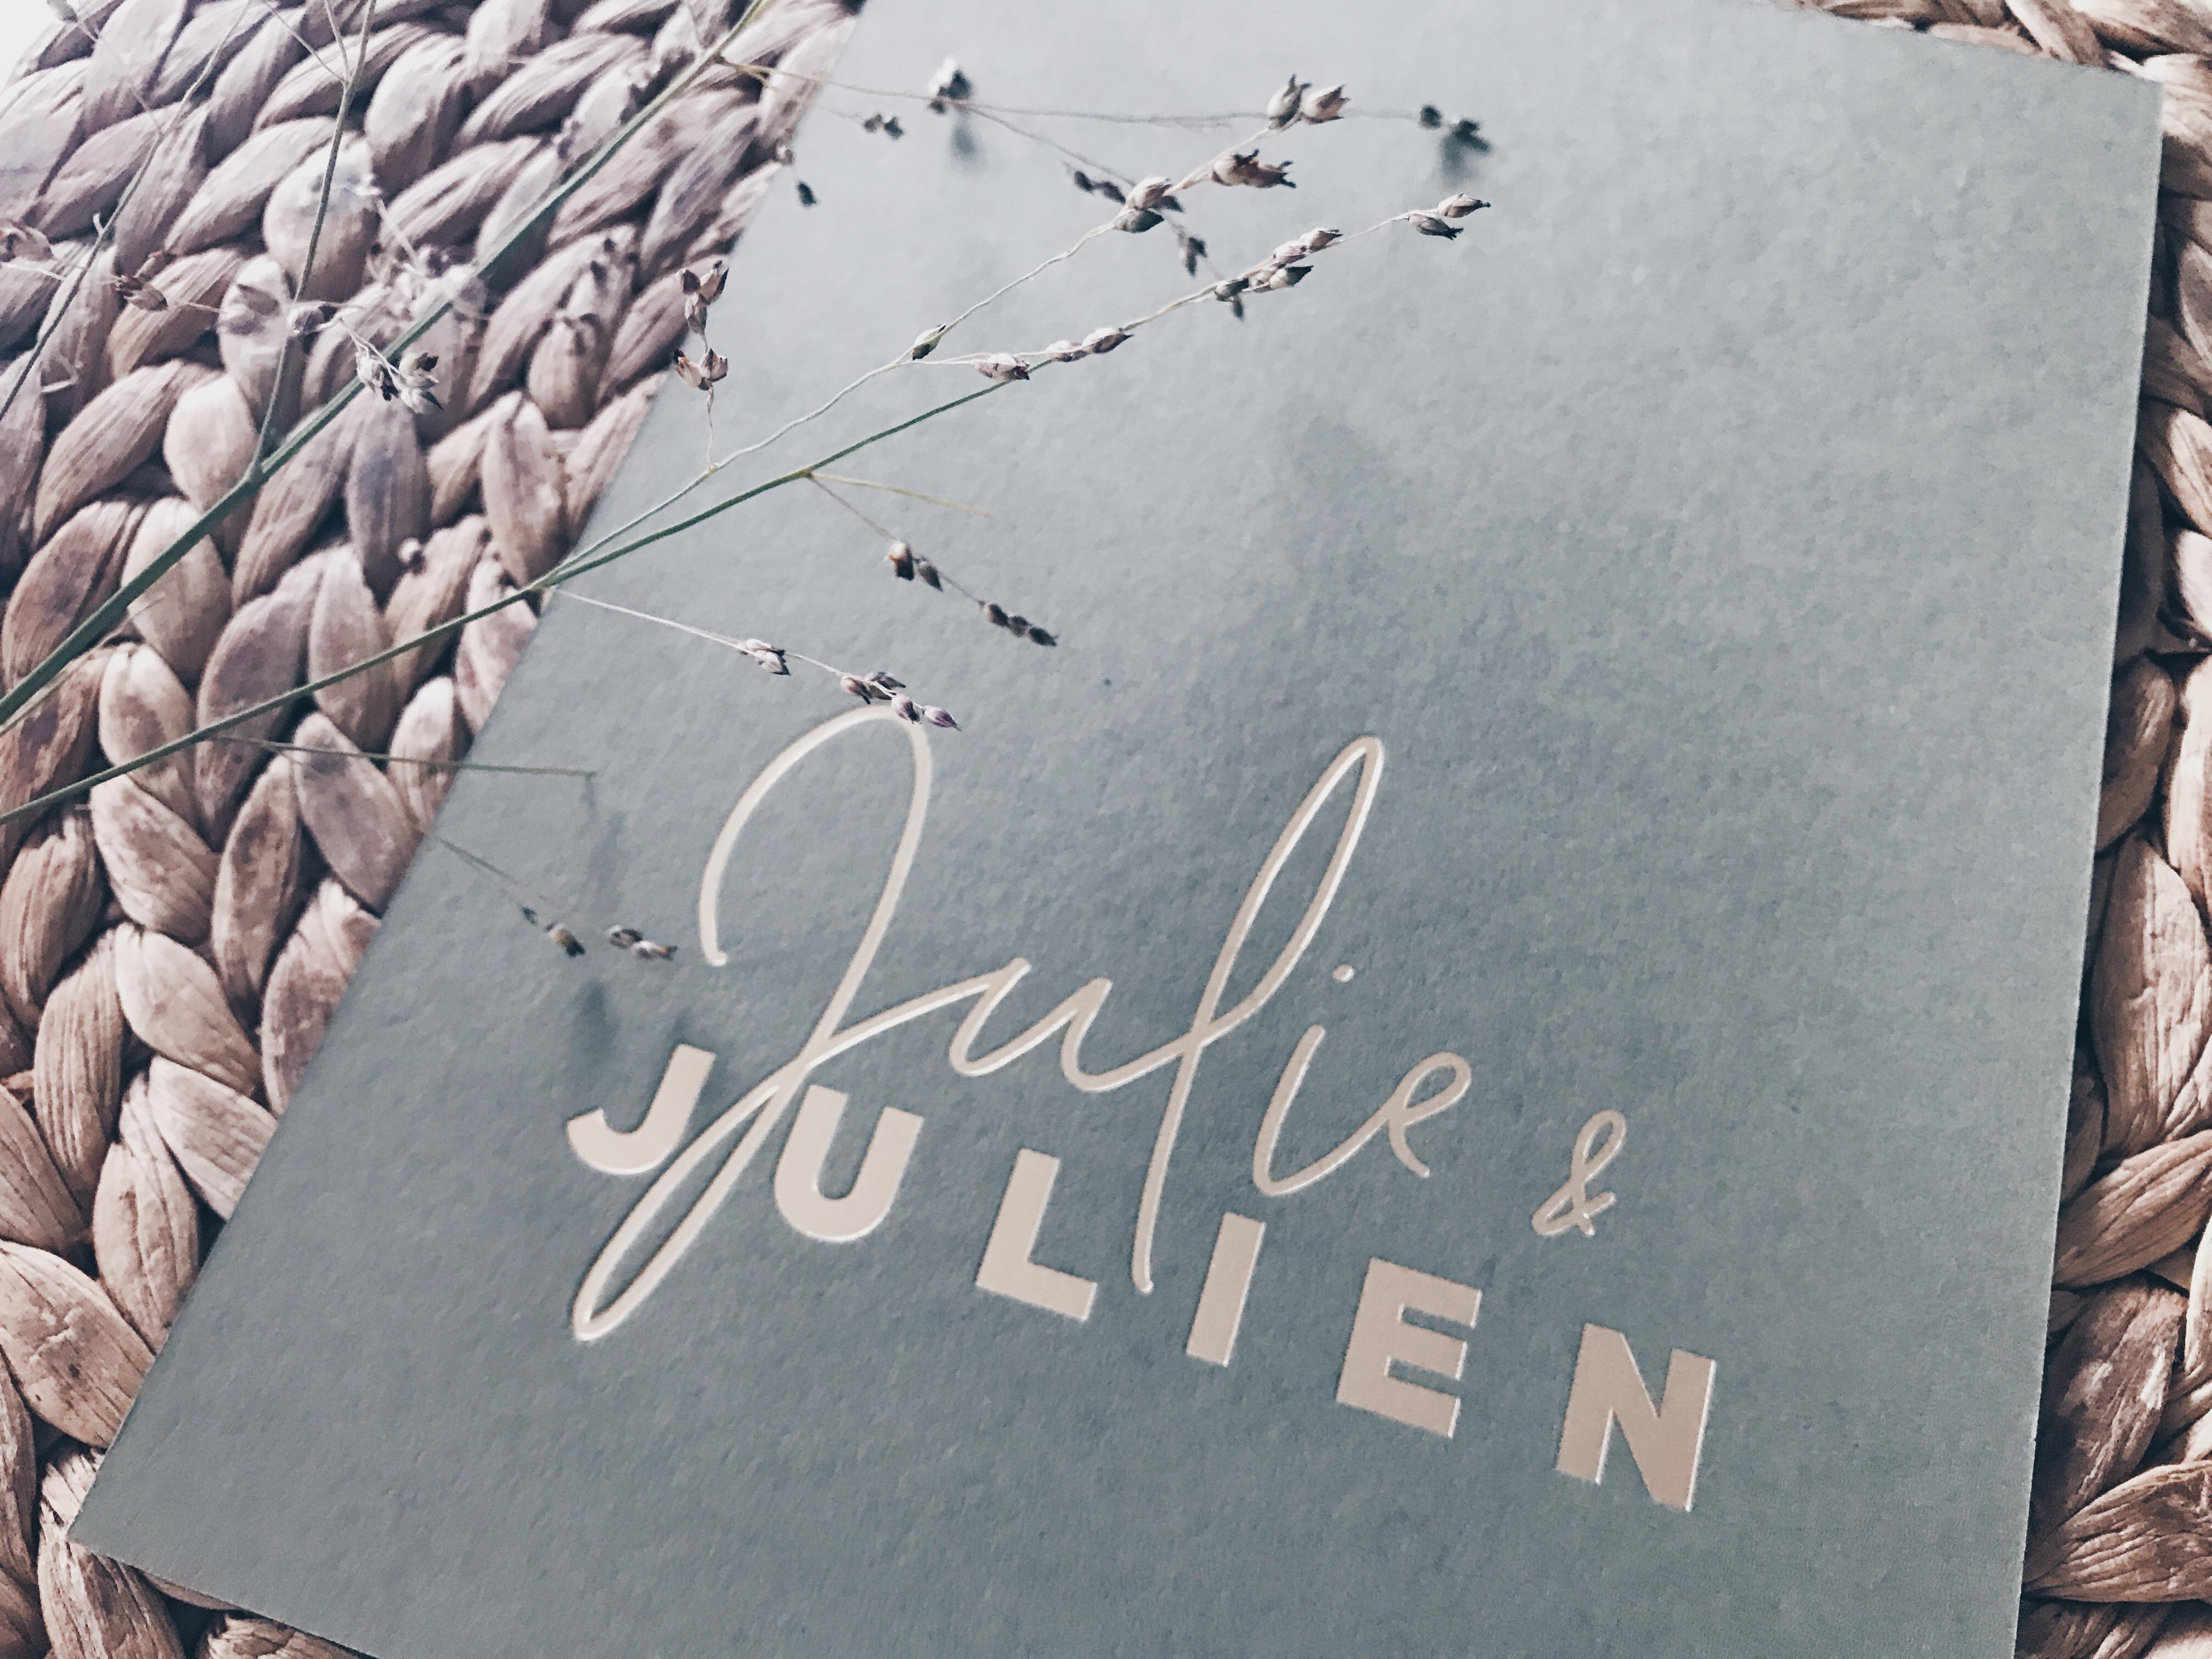 Julie & Julien huwelijksuitnodigingen